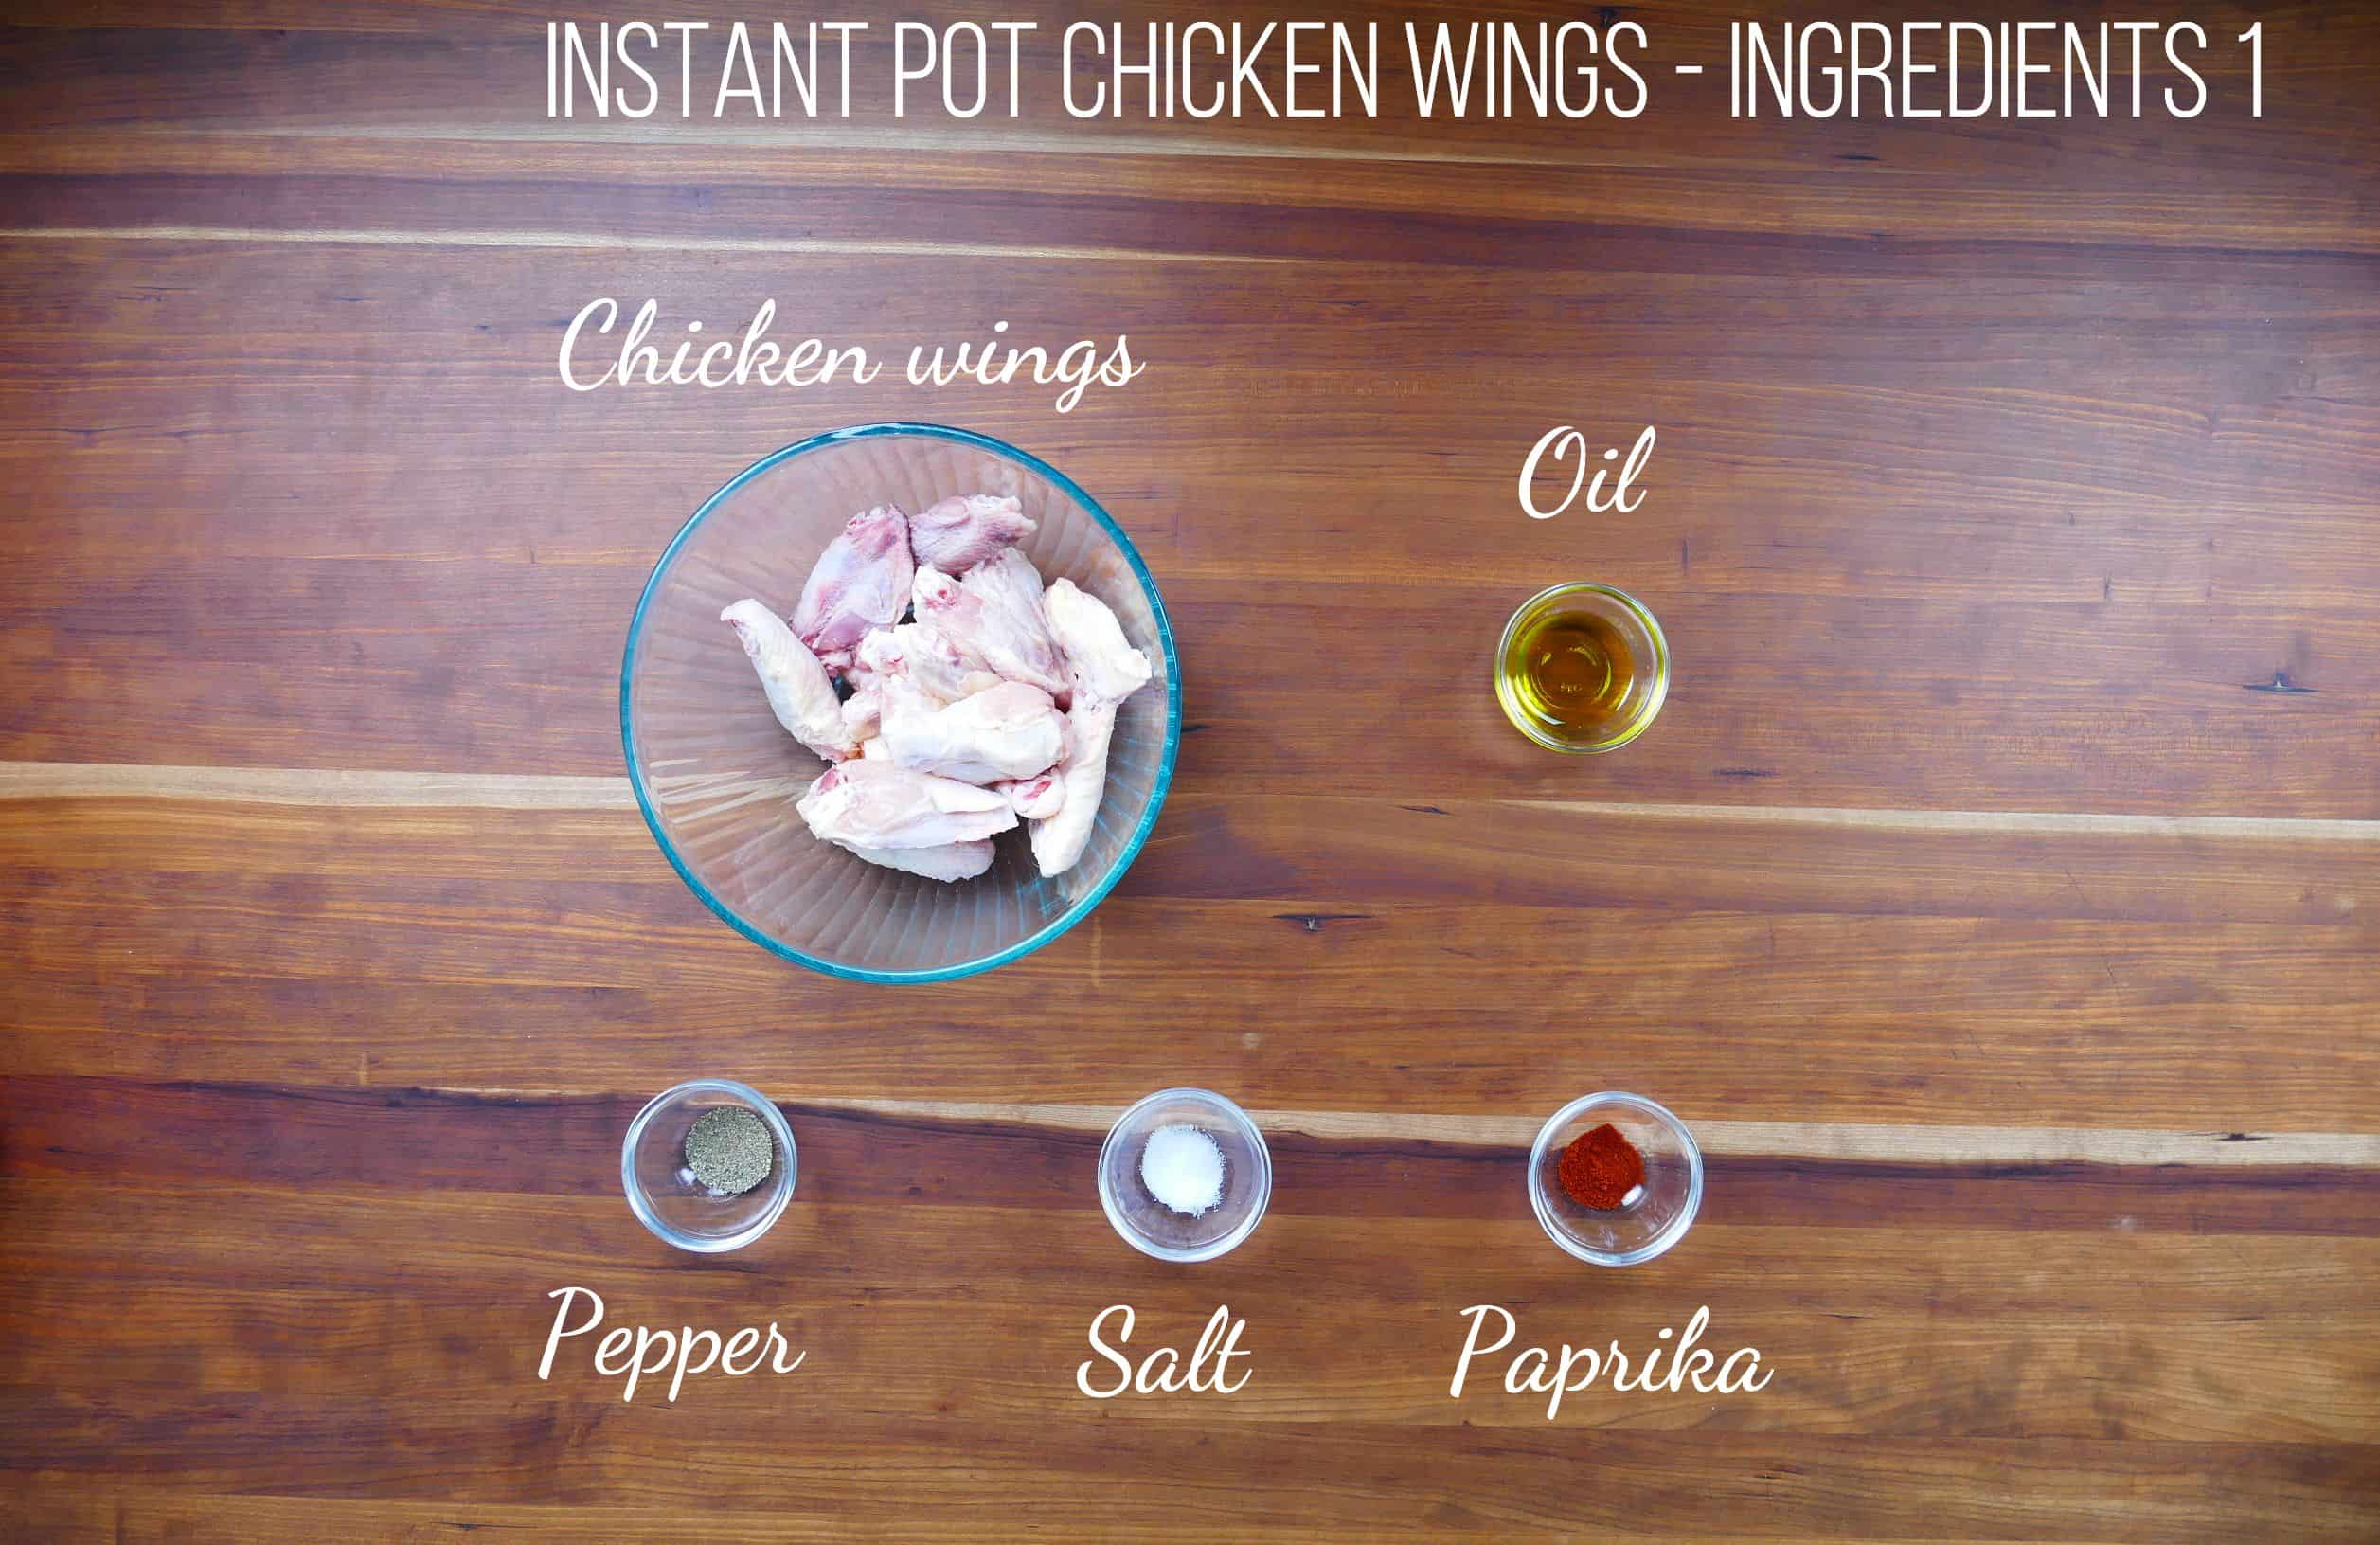 Air Fryer Chicken Wings Ingredients - chicken wings, oil, pepper, salt, paprika